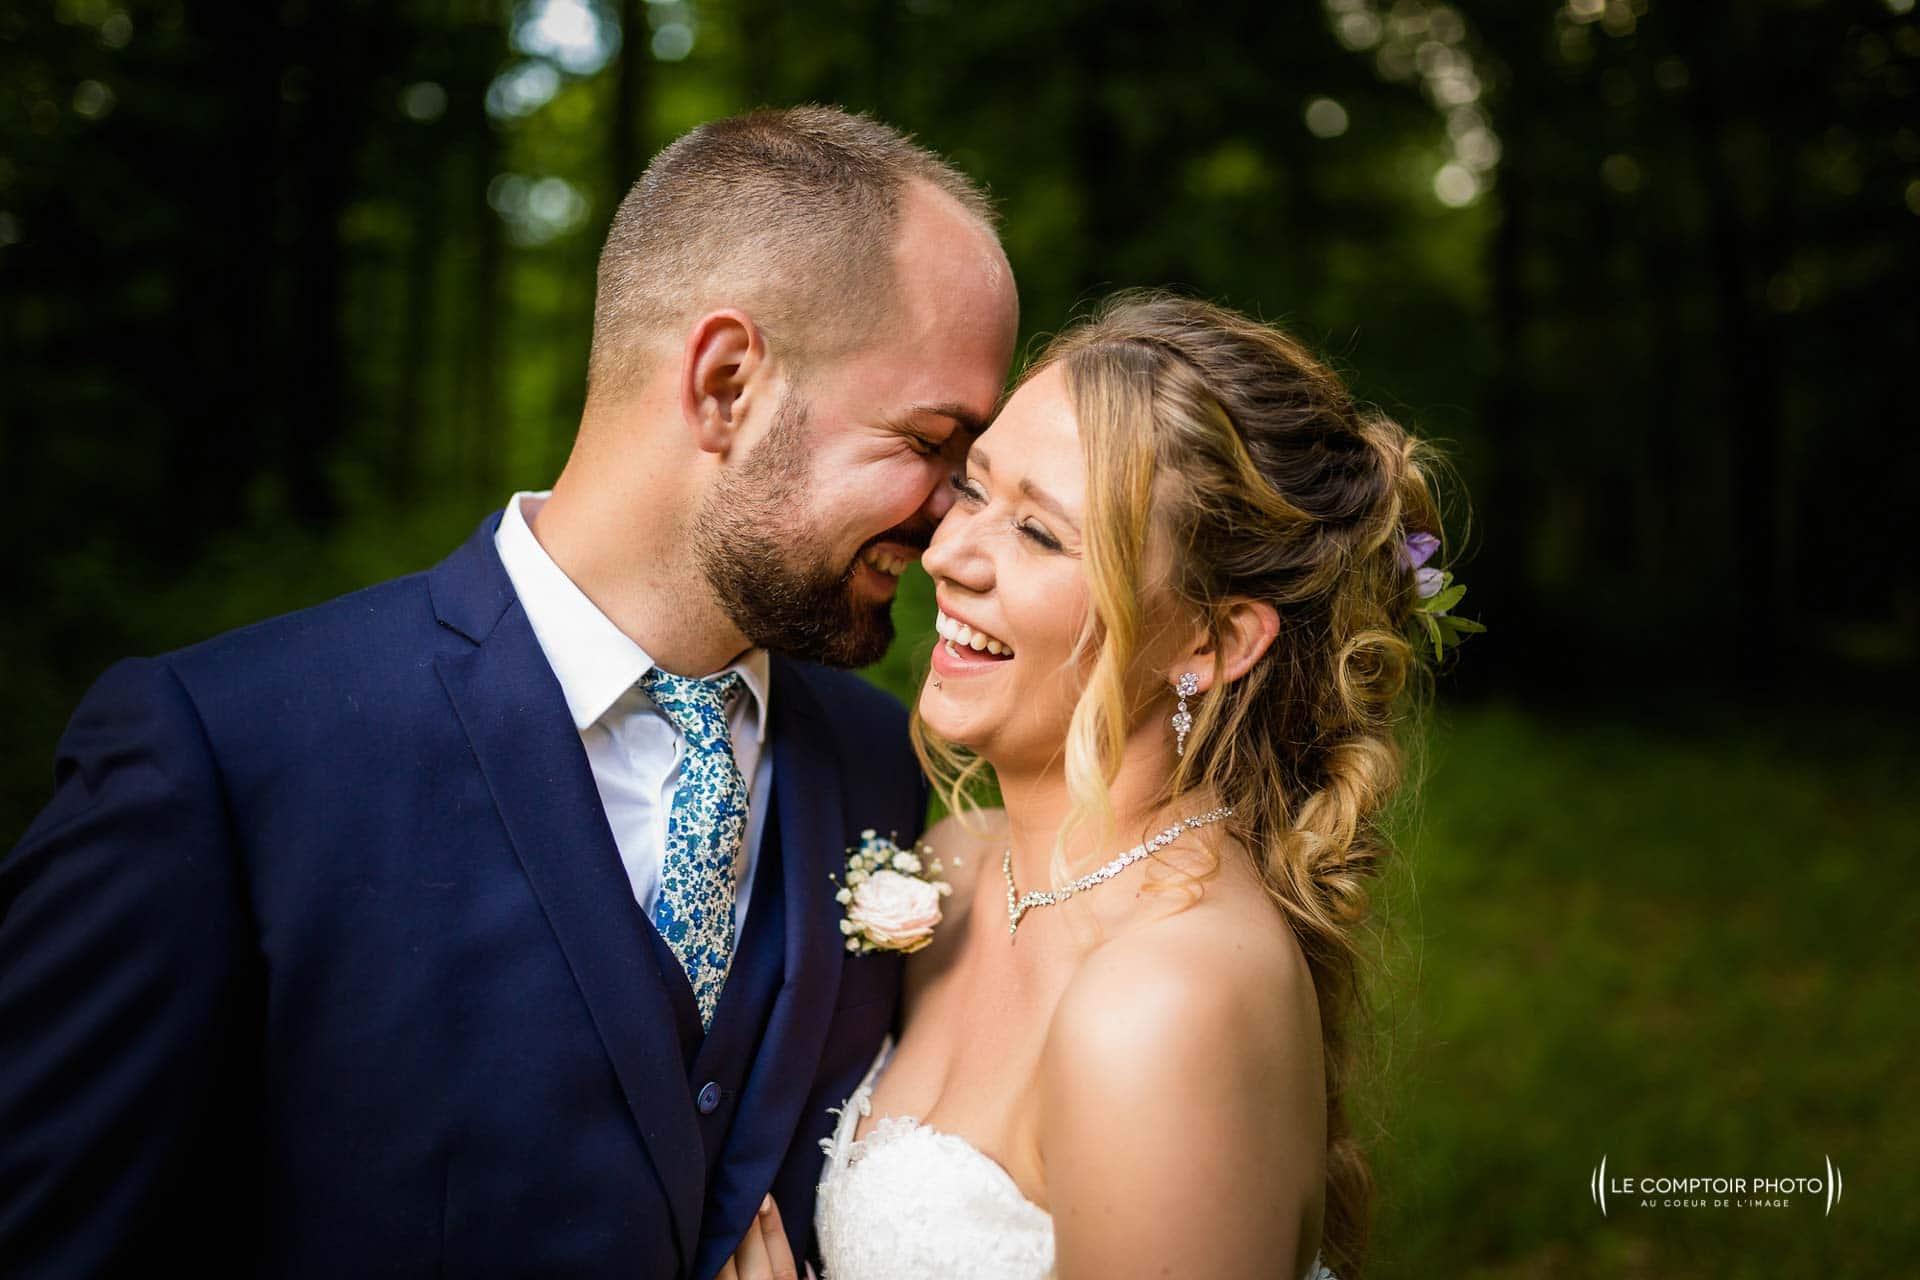 photographe de mariage à saint-malo